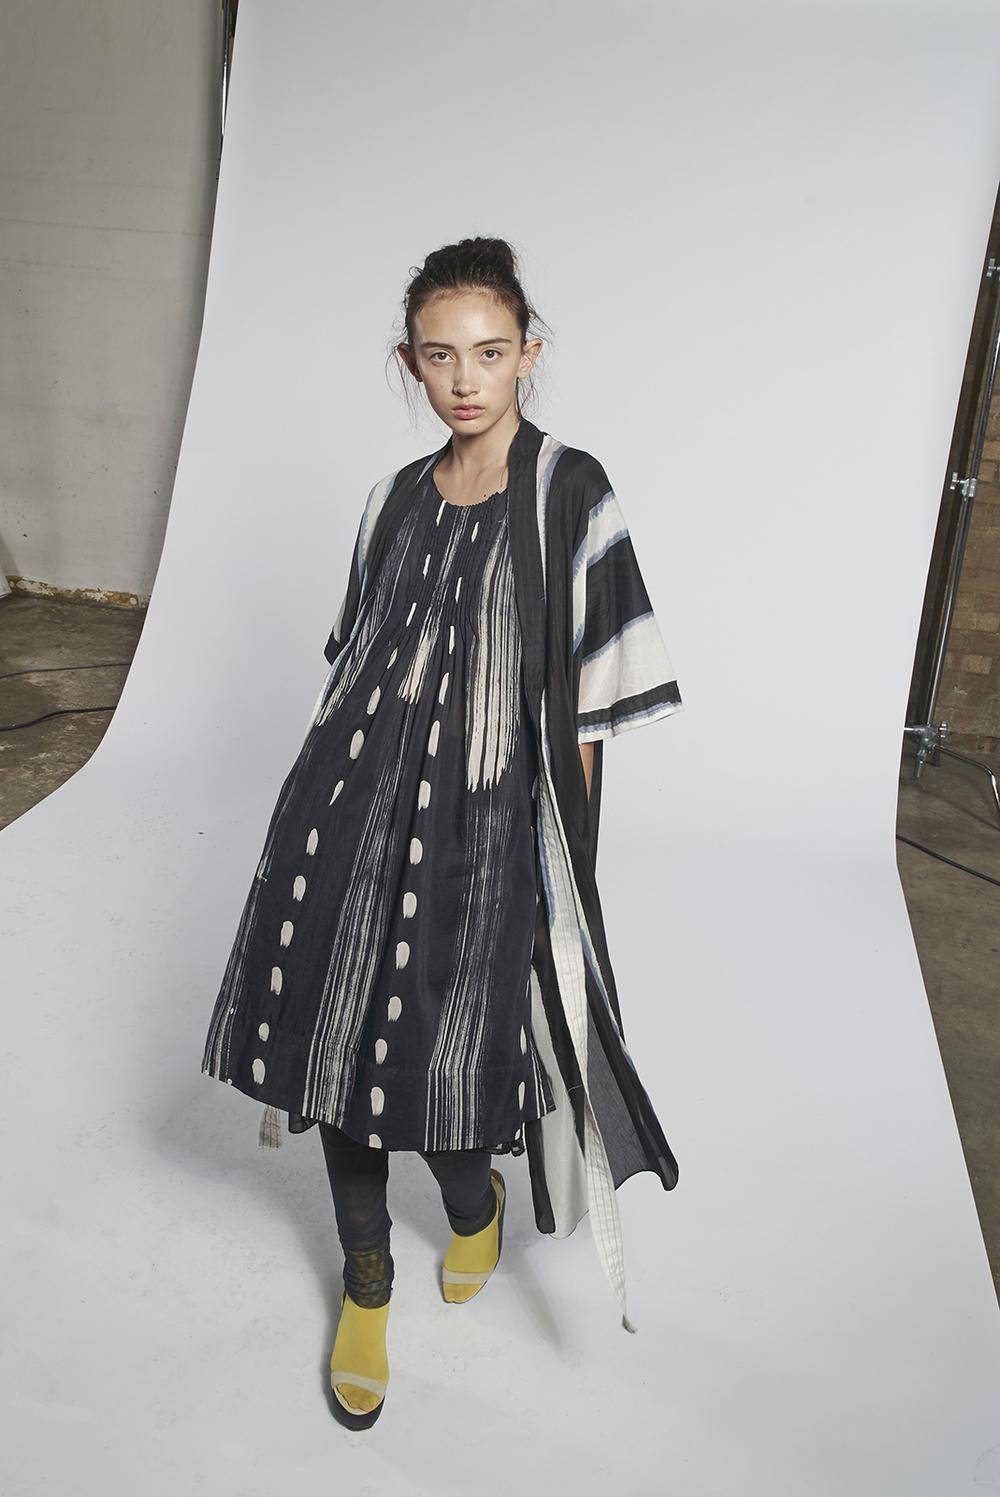 593/A151152 Batik Tie Kimono 593/A157261 Batik Pintuck Tunic with Slip